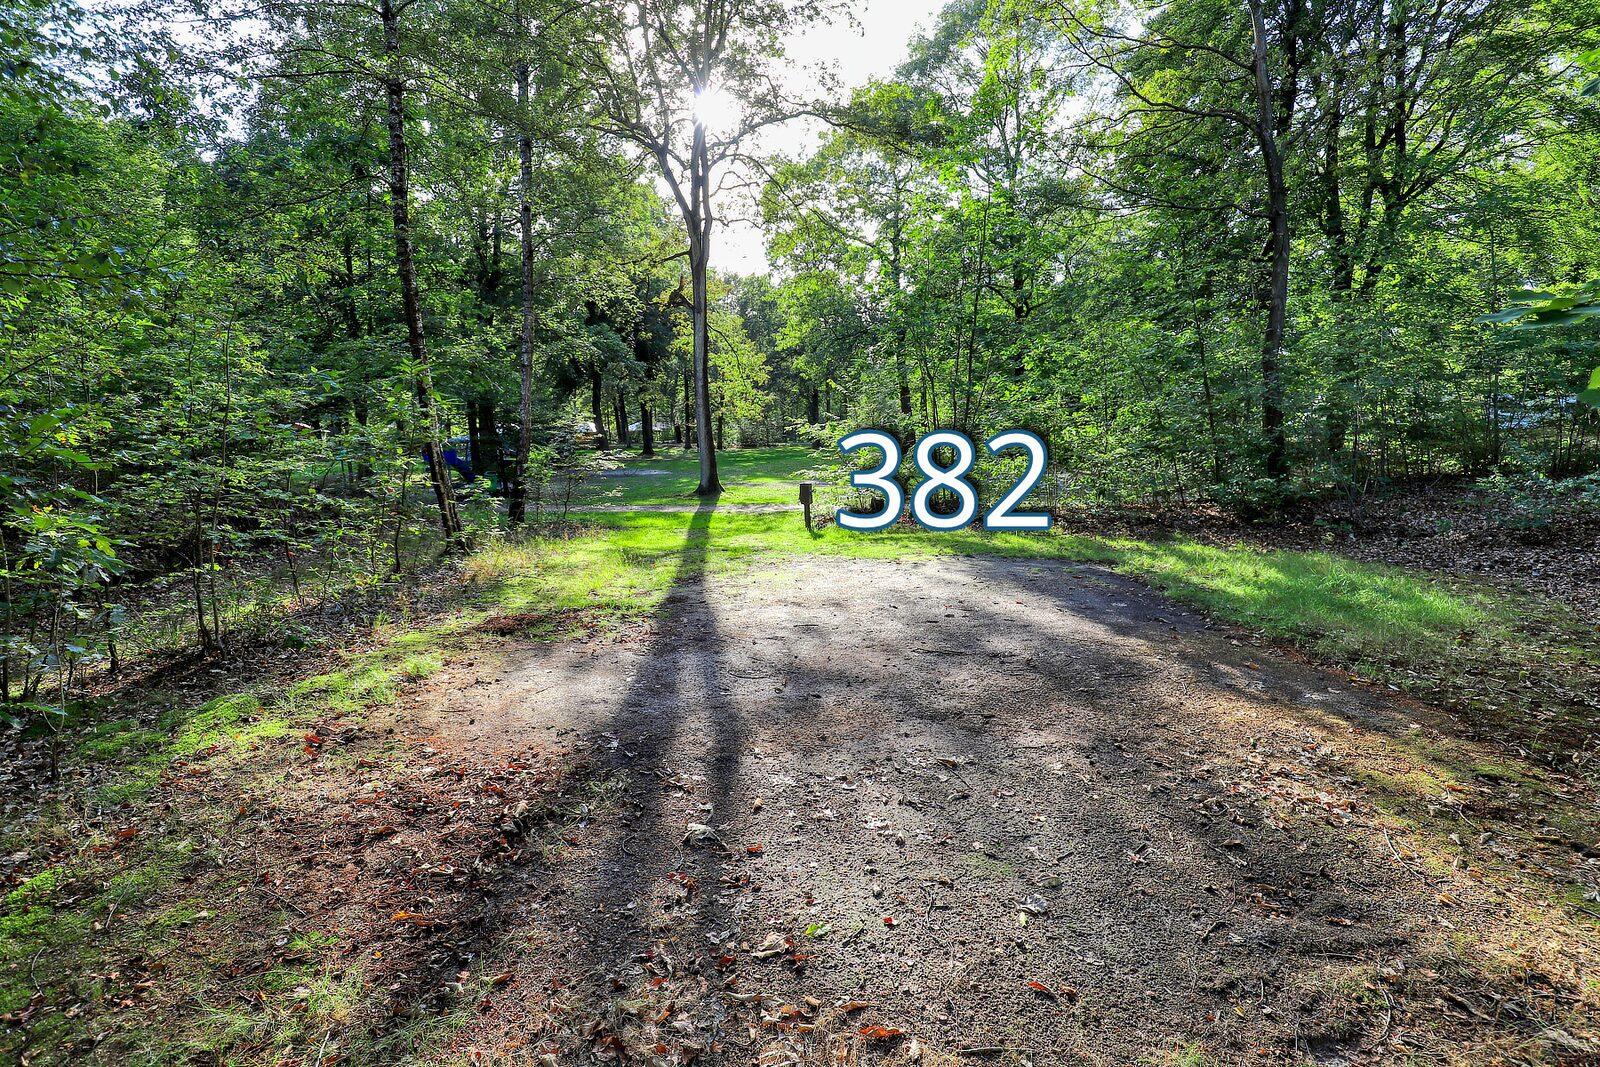 houtduif 382